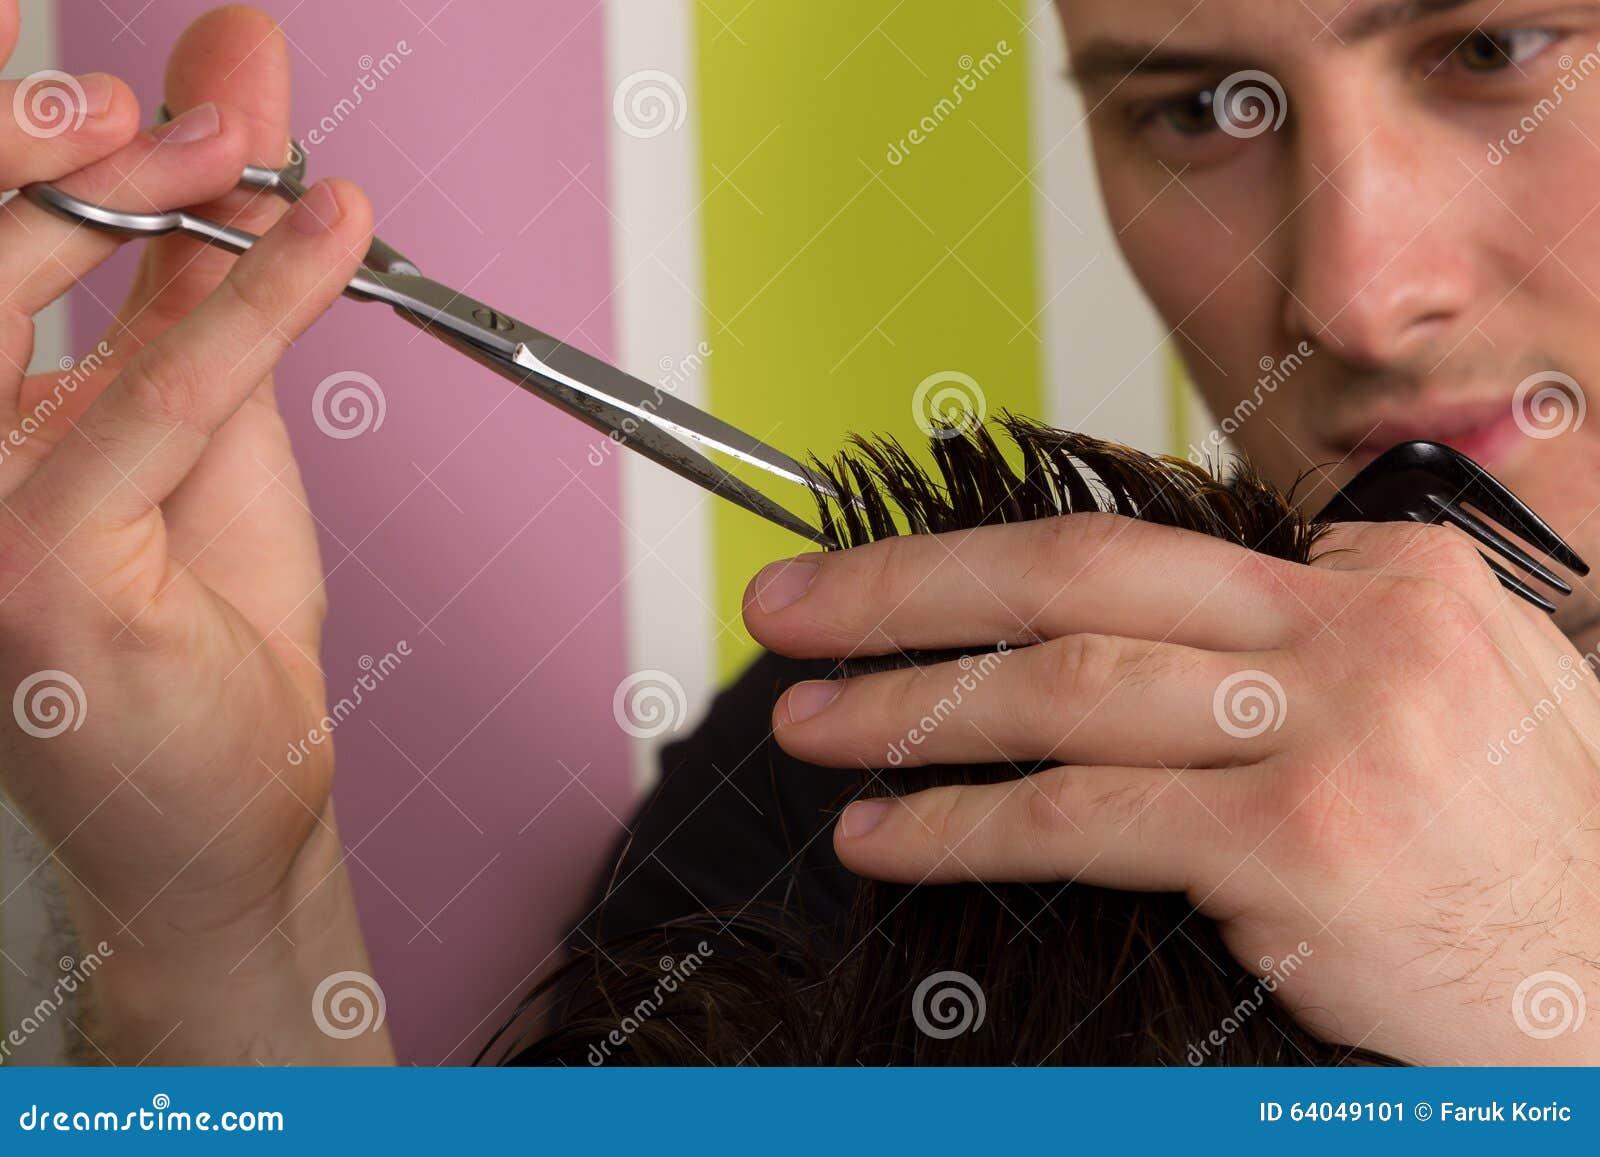 Corte del pelo de los hombres con las tijeras en un salón de belleza